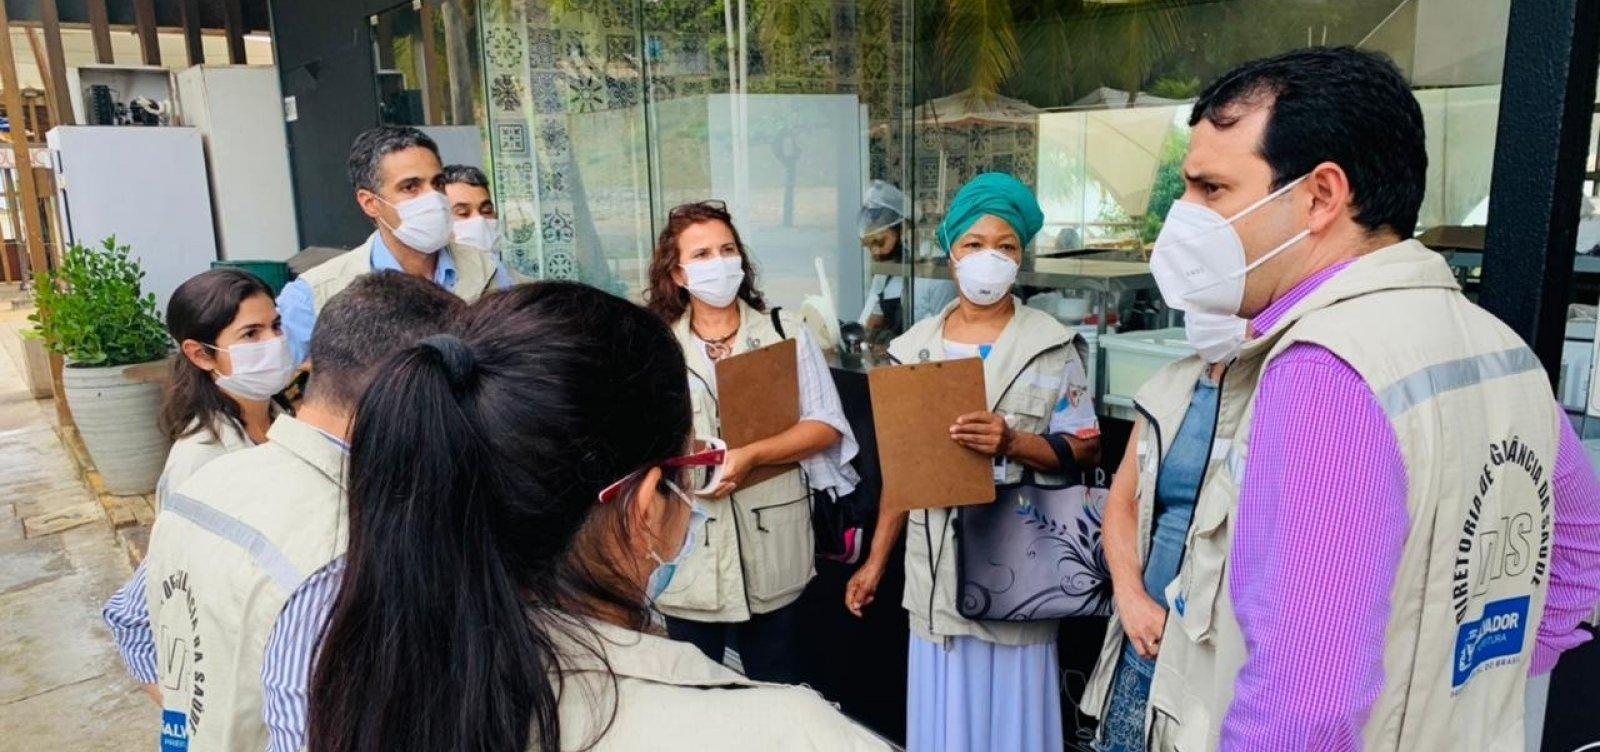 Covid-19: Vigilância Sanitária de Salvador intensifica fiscalização para cumprimento de protocolos